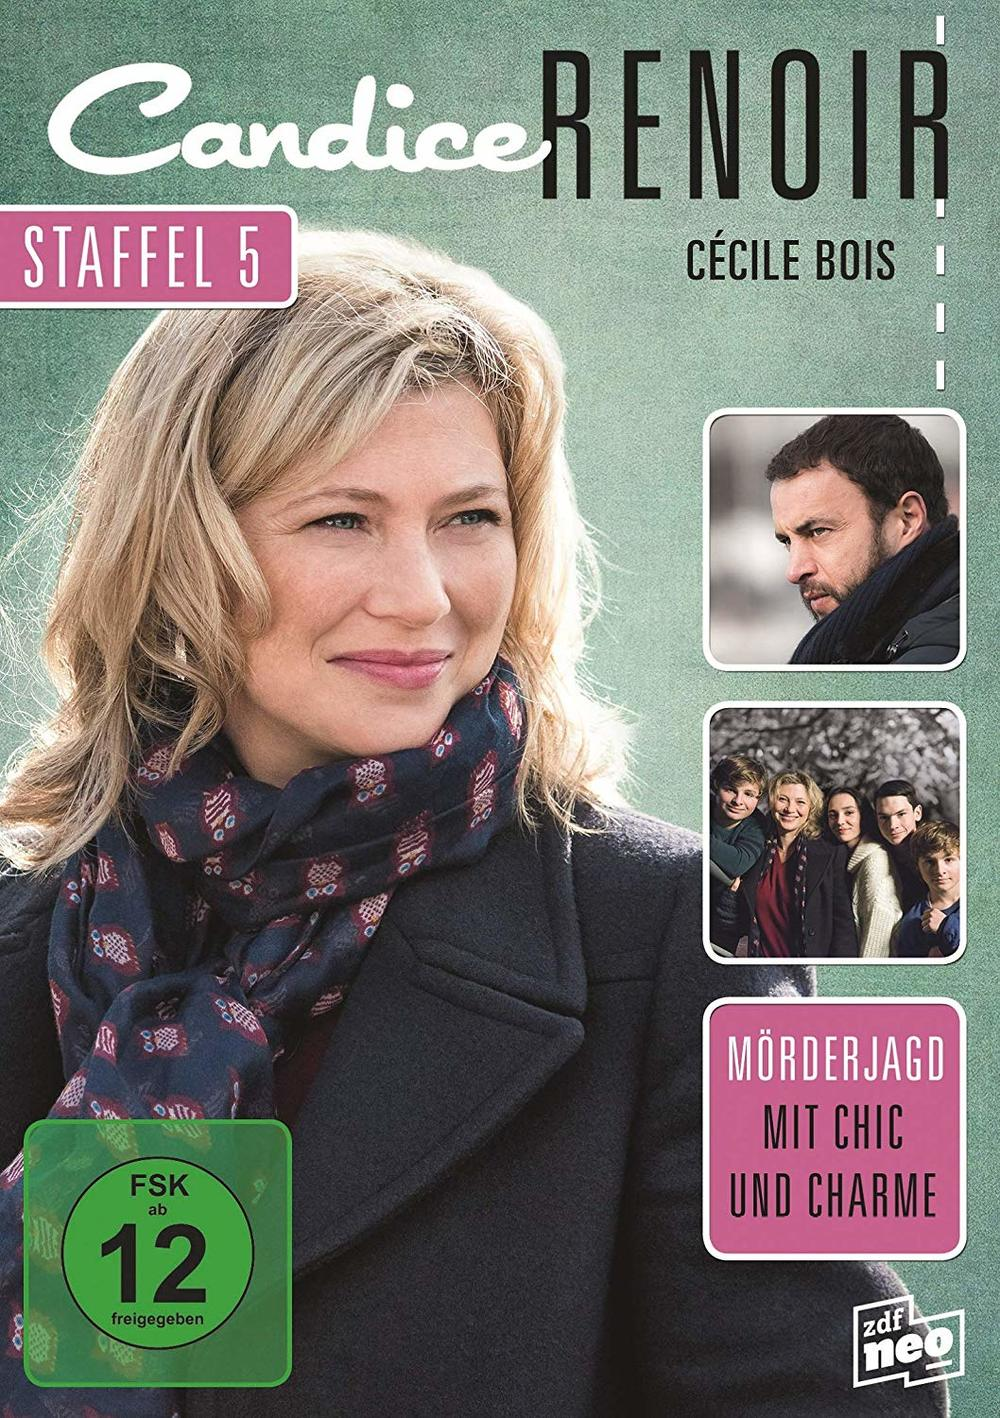 """Möderjagd mit Chic und Charme: Wir verlosen zum Heimkinostart der fünften Staffel """"Candice Renoir"""" eine DVD"""